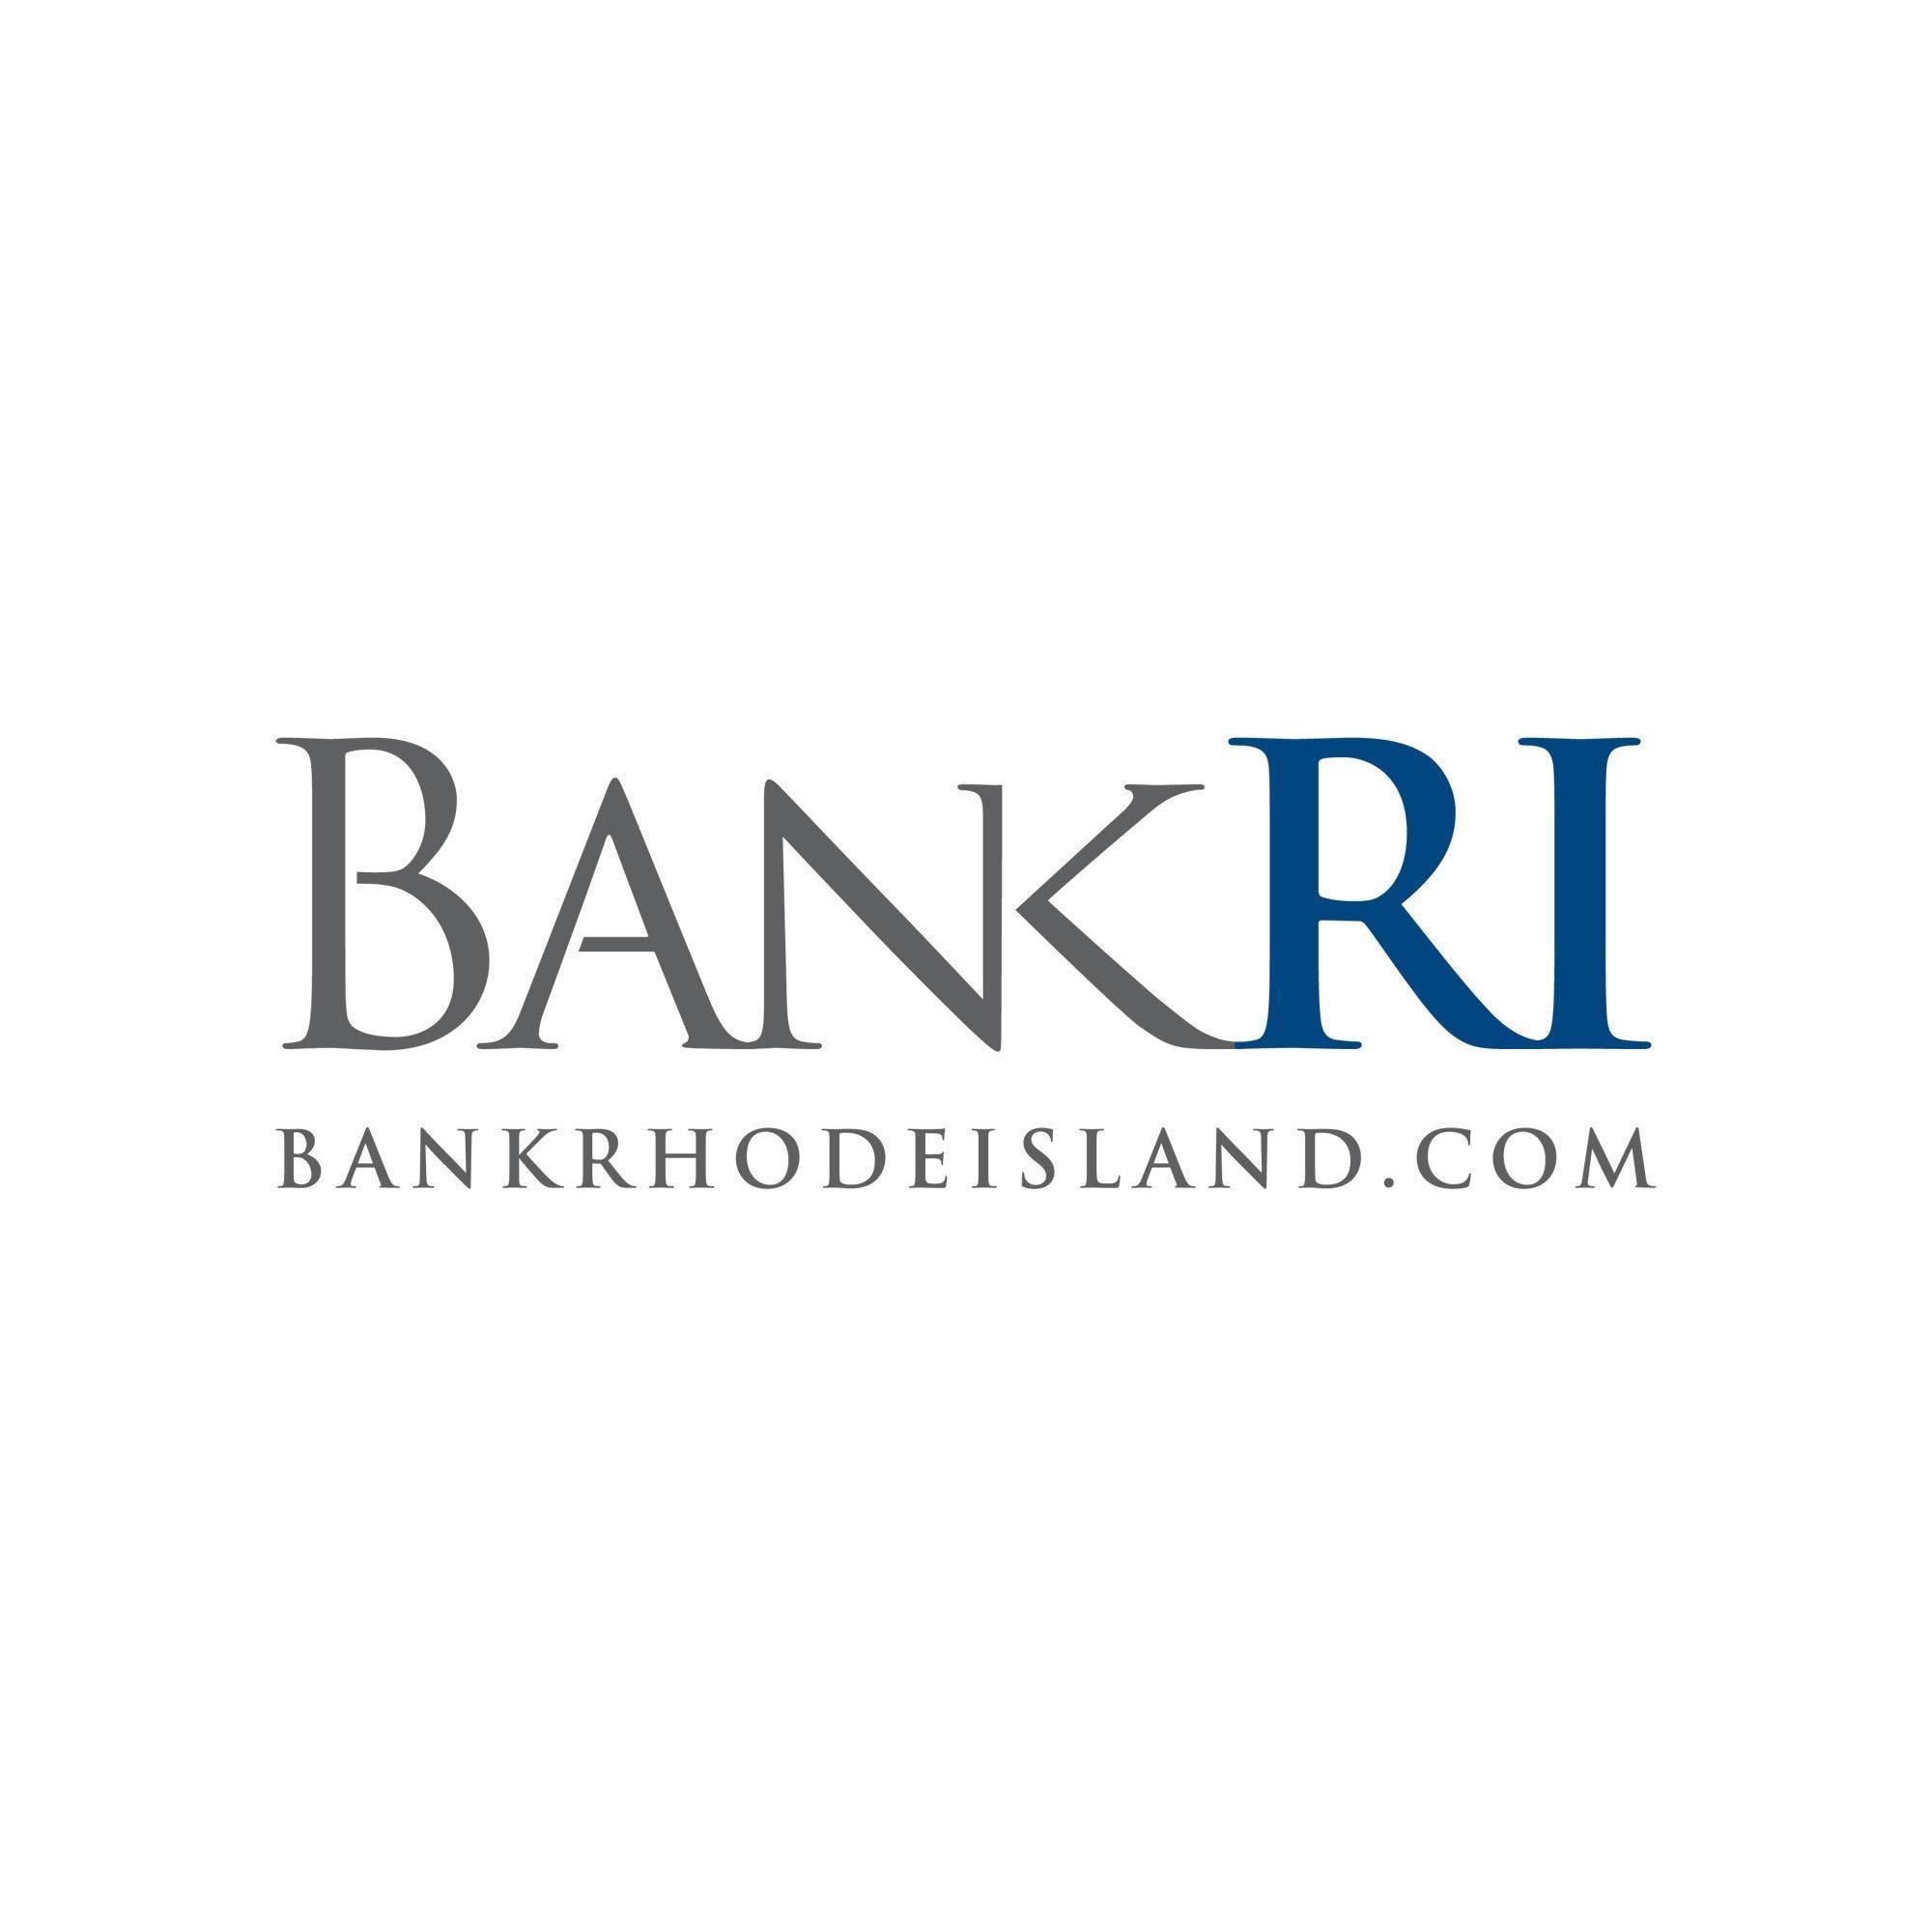 BankRI - South Kingstown, RI 02879 - (401)642-1935 | ShowMeLocal.com